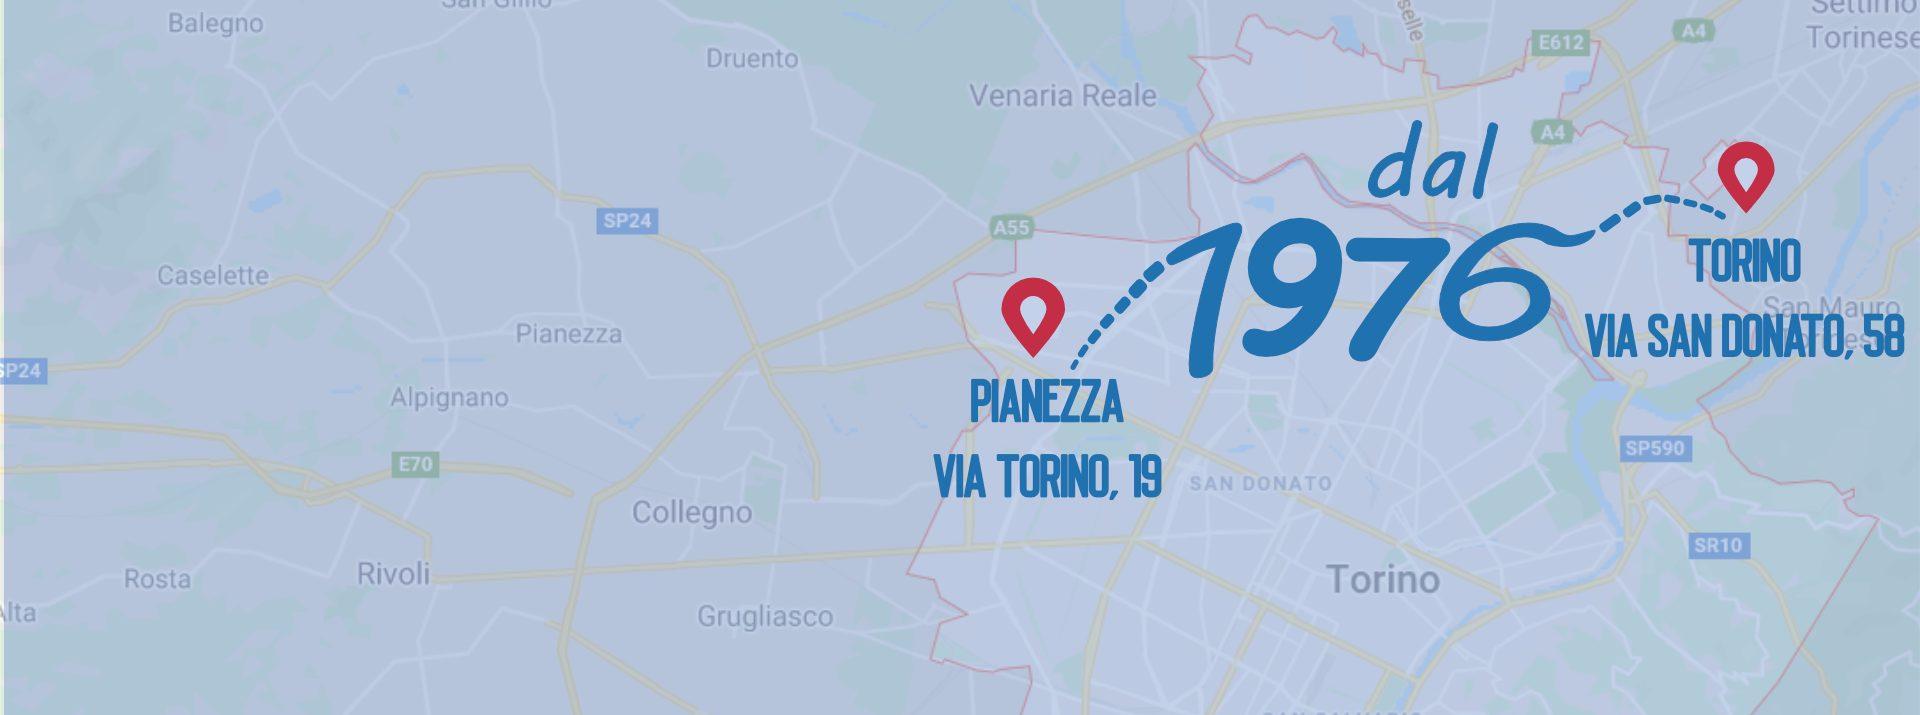 È aperto il nuovo punto prelievi IRM in Via San Donato 58, Torino